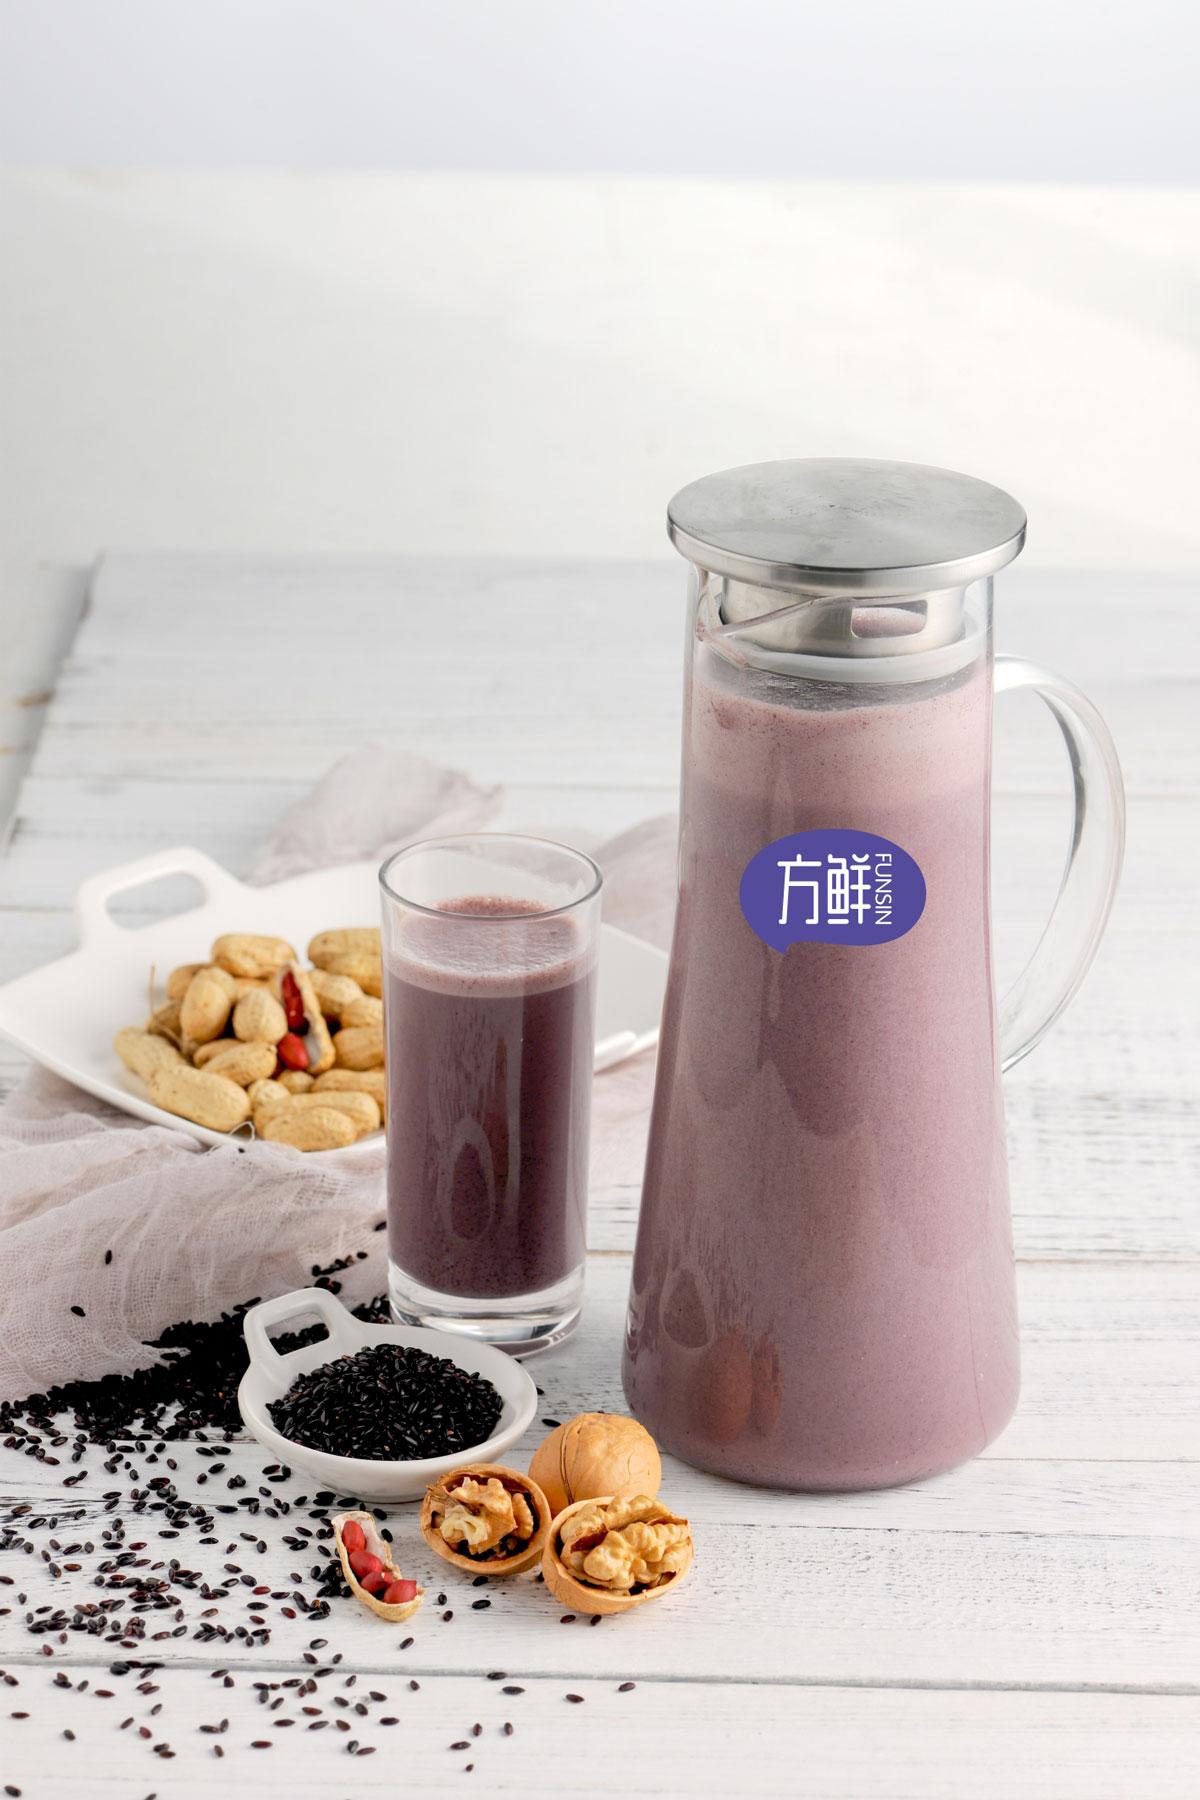 核桃黑米汁